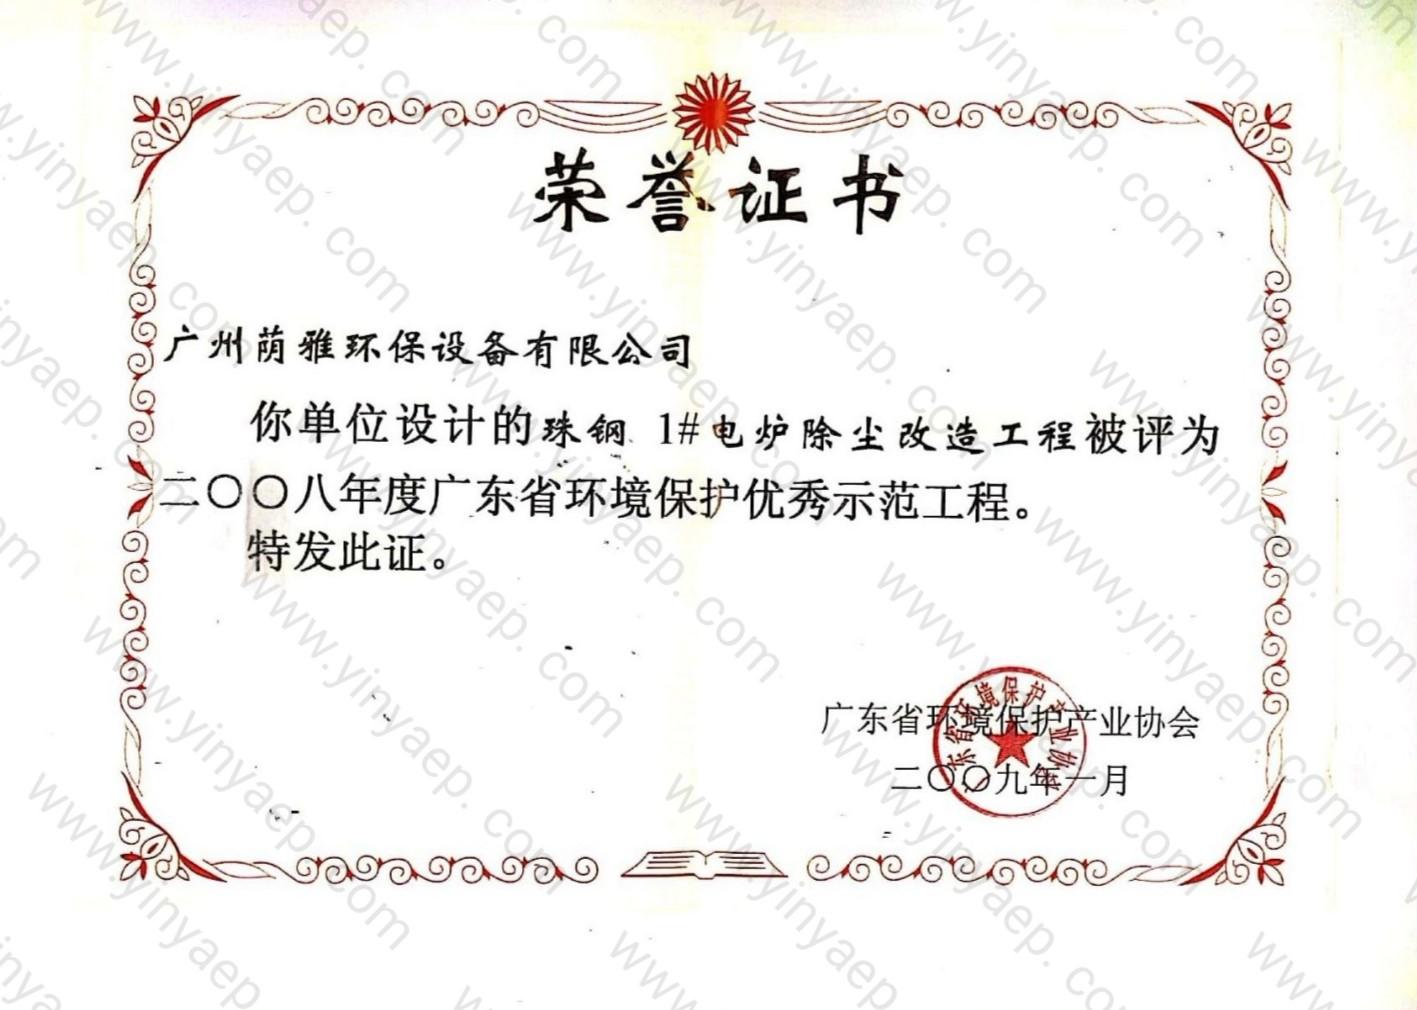 珠钢1#电炉除尘改造工程证书